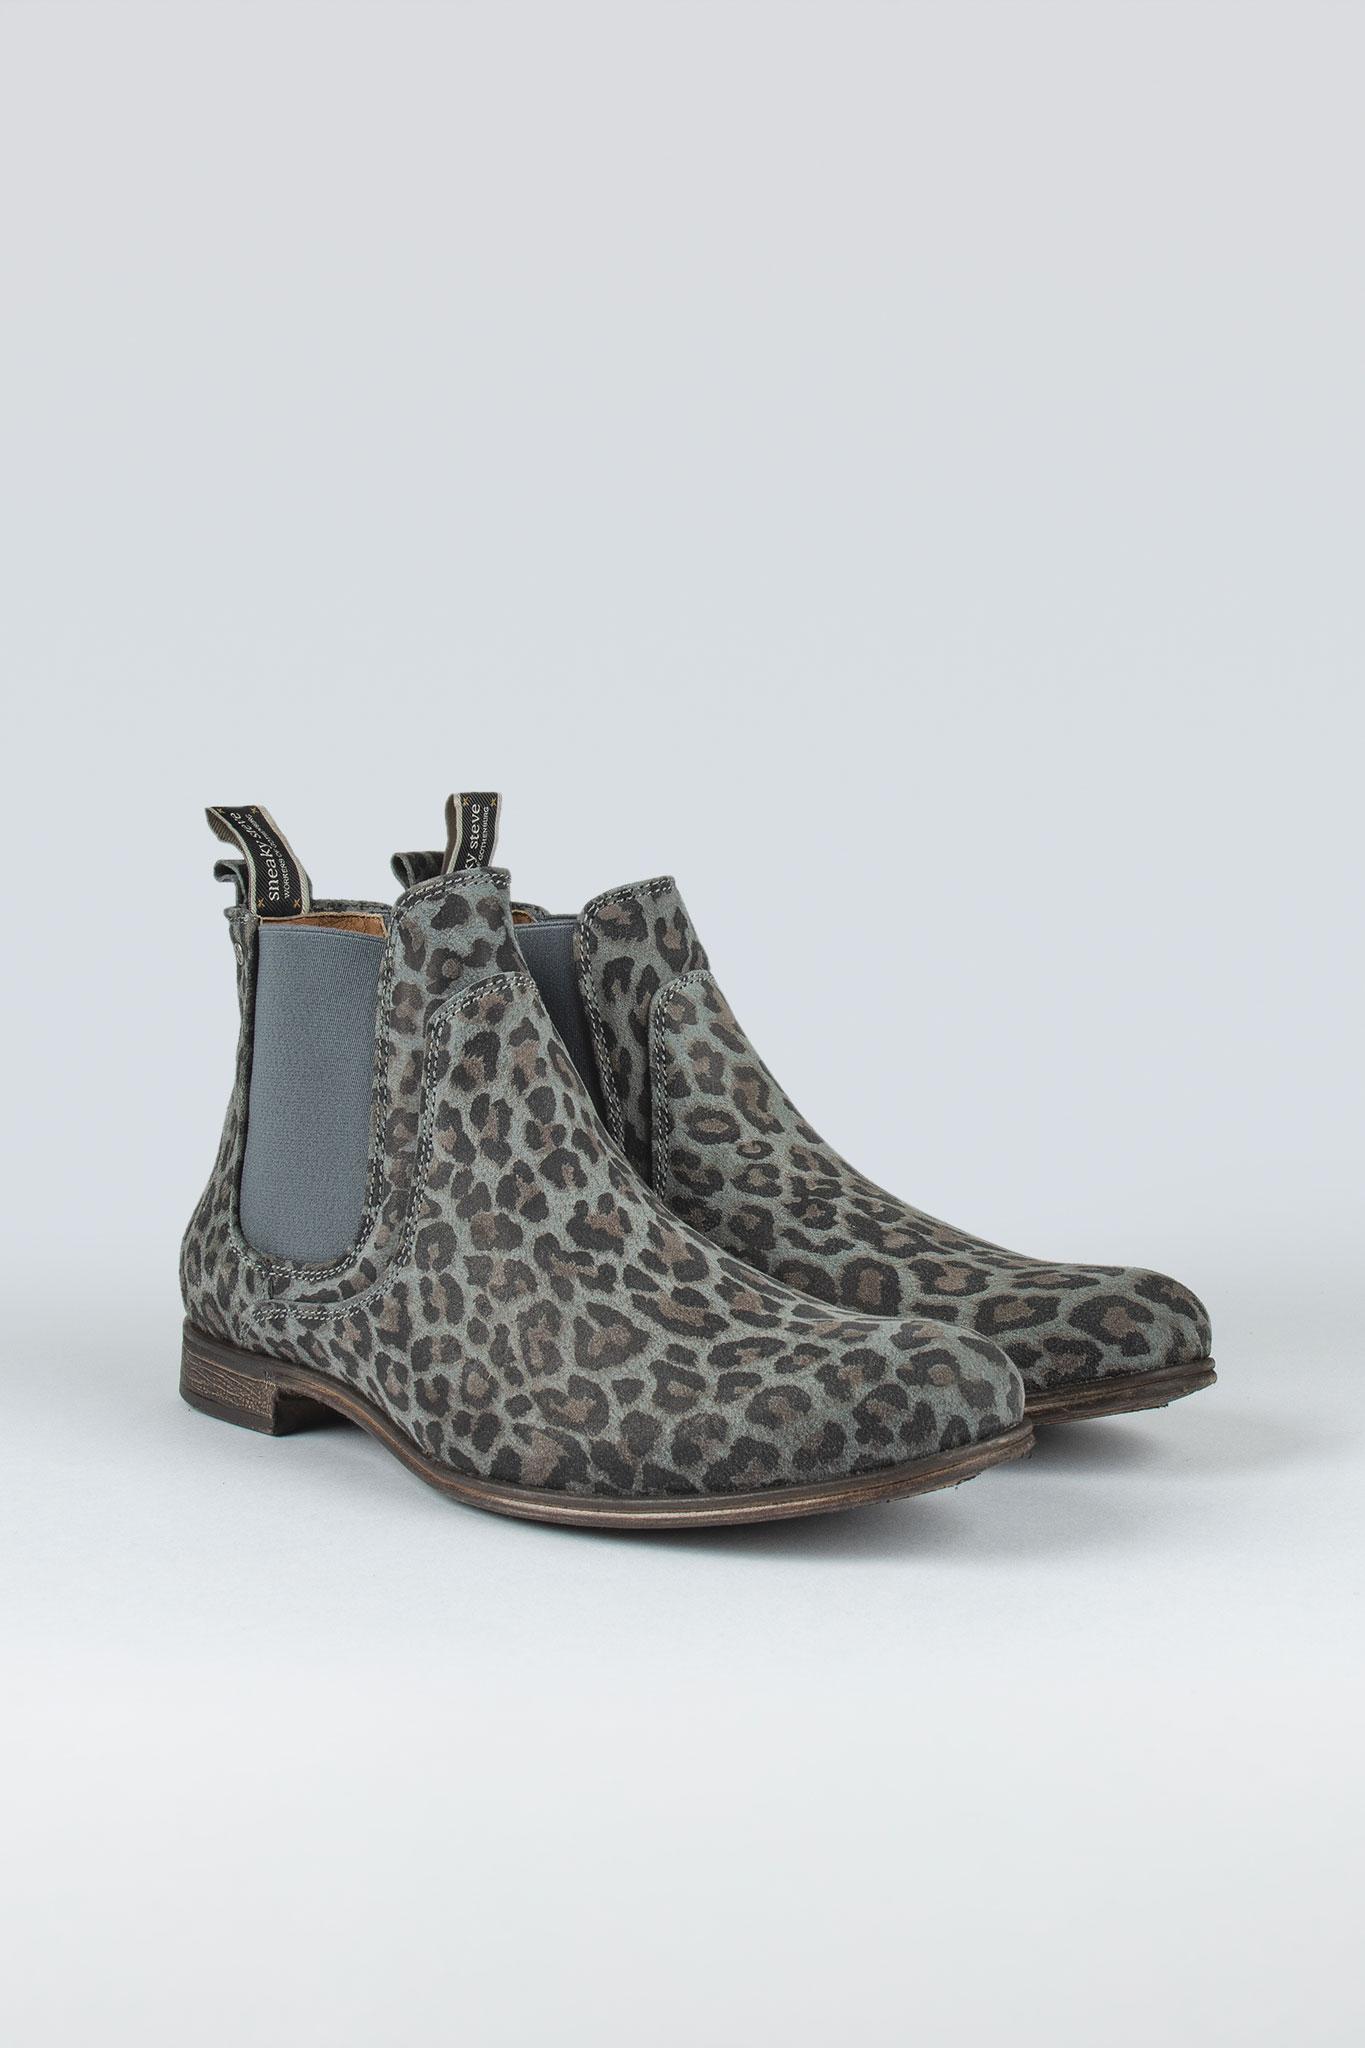 cumberland-leopard-pair